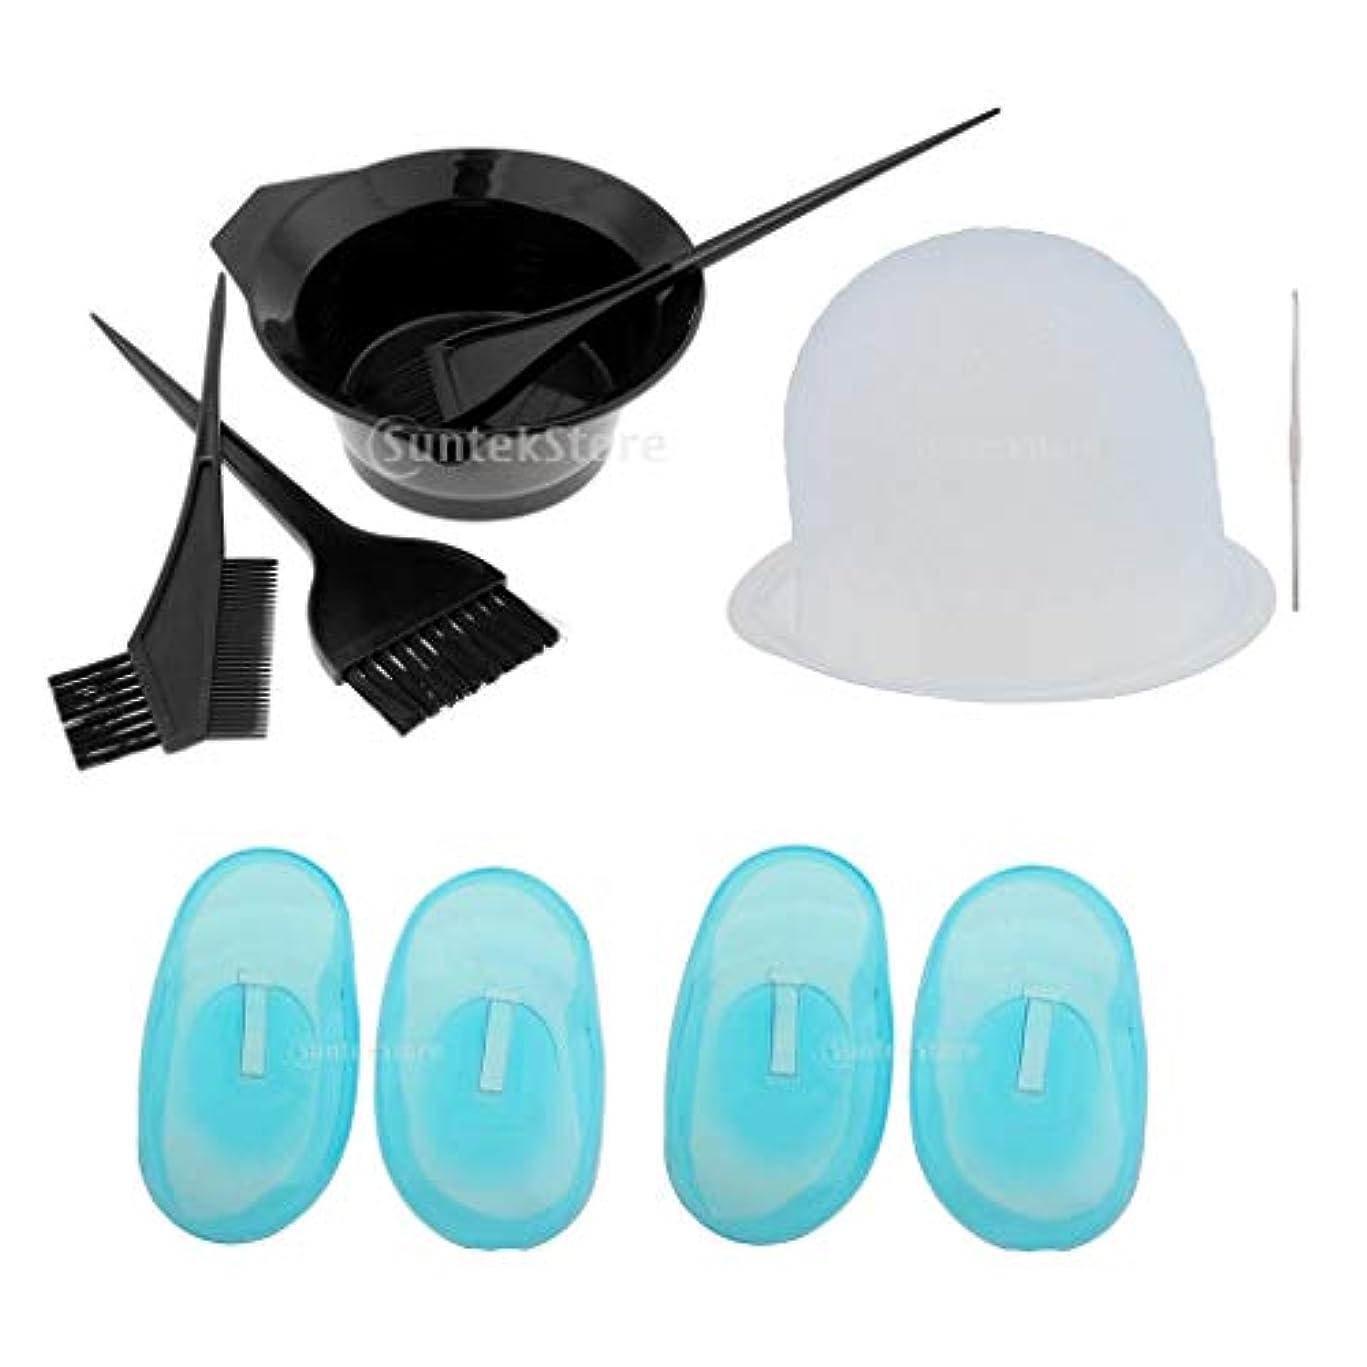 空虚サイレント付添人ヘアカラーセット 毛染め 家染め ヘアカラーカップ/コーム/イヤーカバー/耳キャップ 繰り返し使える